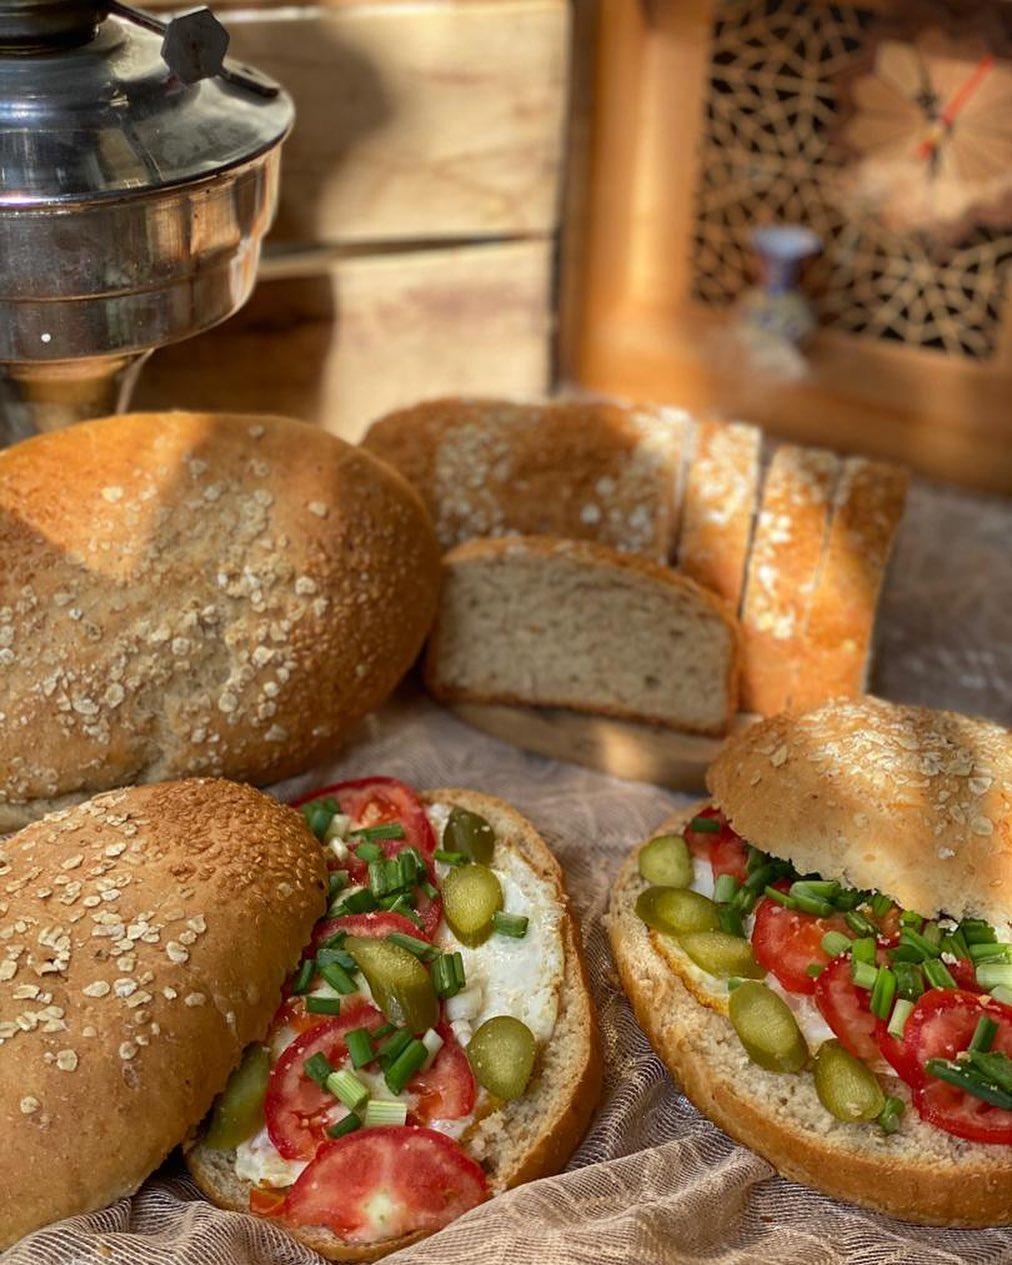 طرز تهیه نان سبوس دار خانگی خوشمزه و حرفه ای در فر